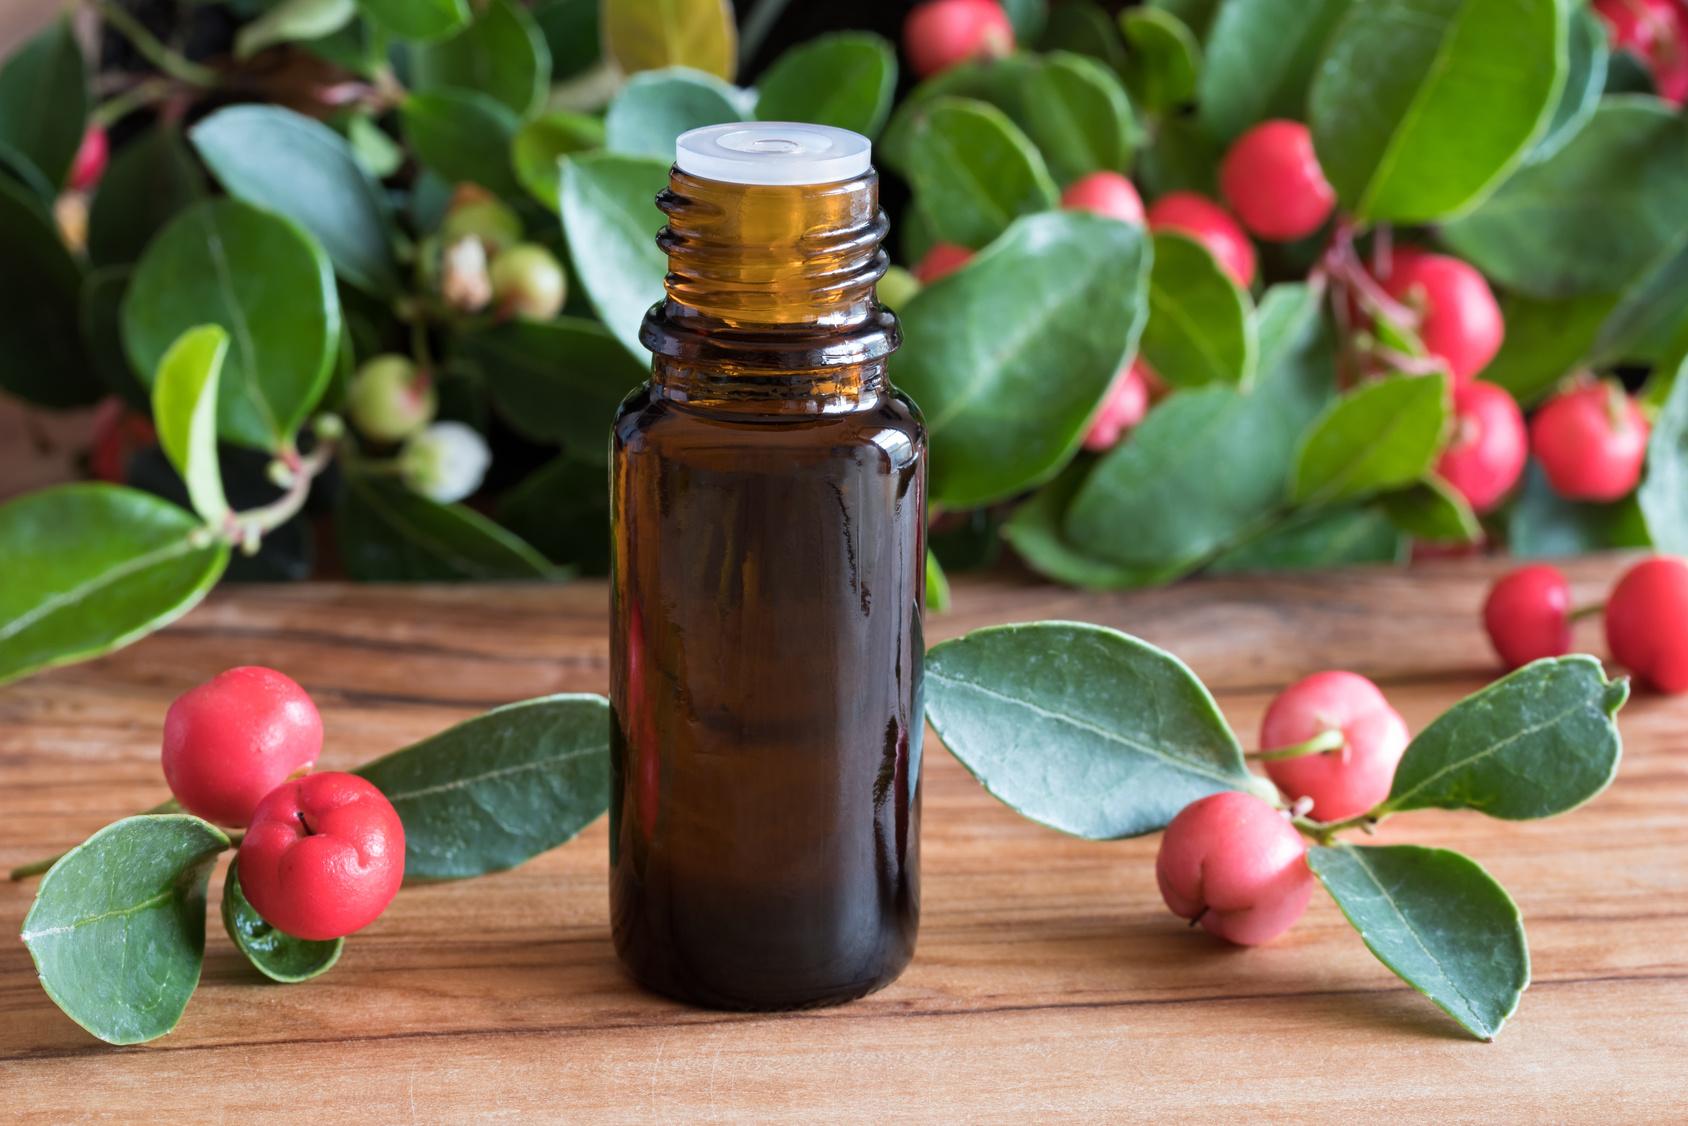 L'huile essentielle de gaulthérie odorante, l'indispensable du sportif !